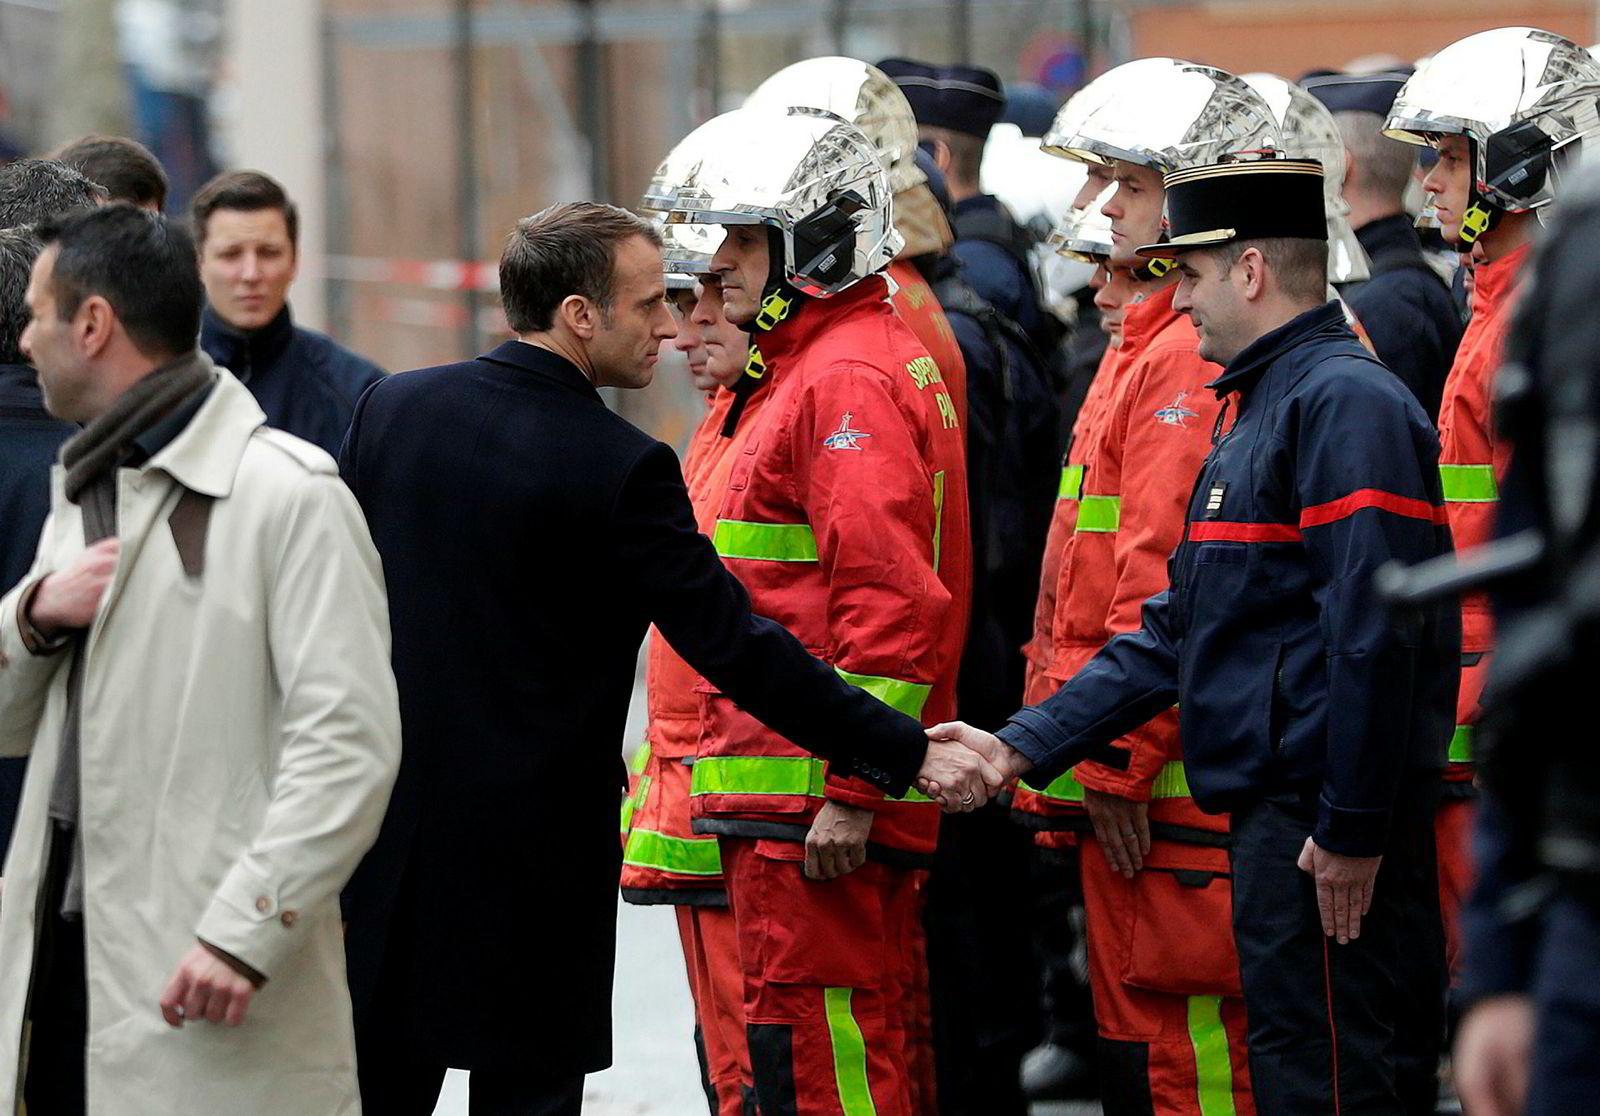 Frankrikes president Emmanuel Macron møtte politifolk og brannmannskap etter lørdagens demonstrasjoner.